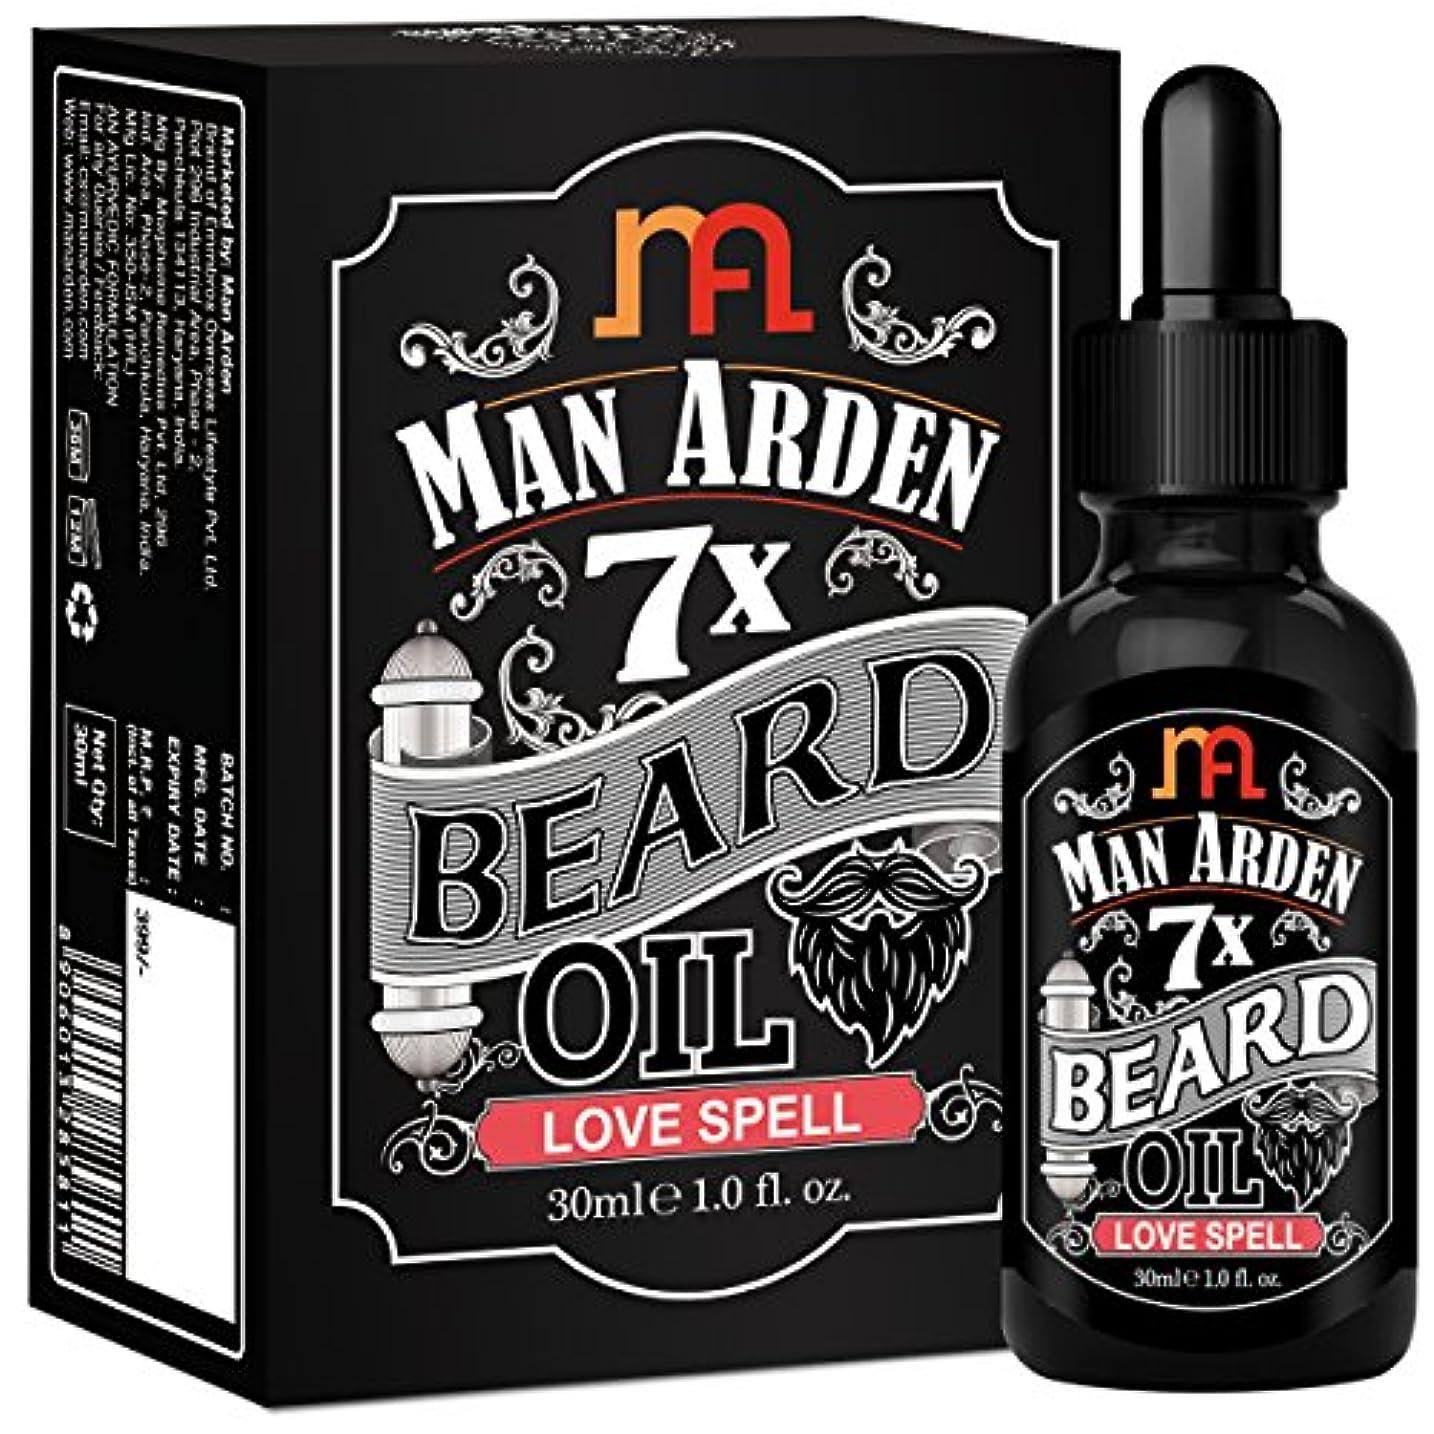 急勾配の糸はがきMan Arden 7X Beard Oil 30ml (Love Spell) - 7 Premium Oils Blend For Beard Growth & Nourishment